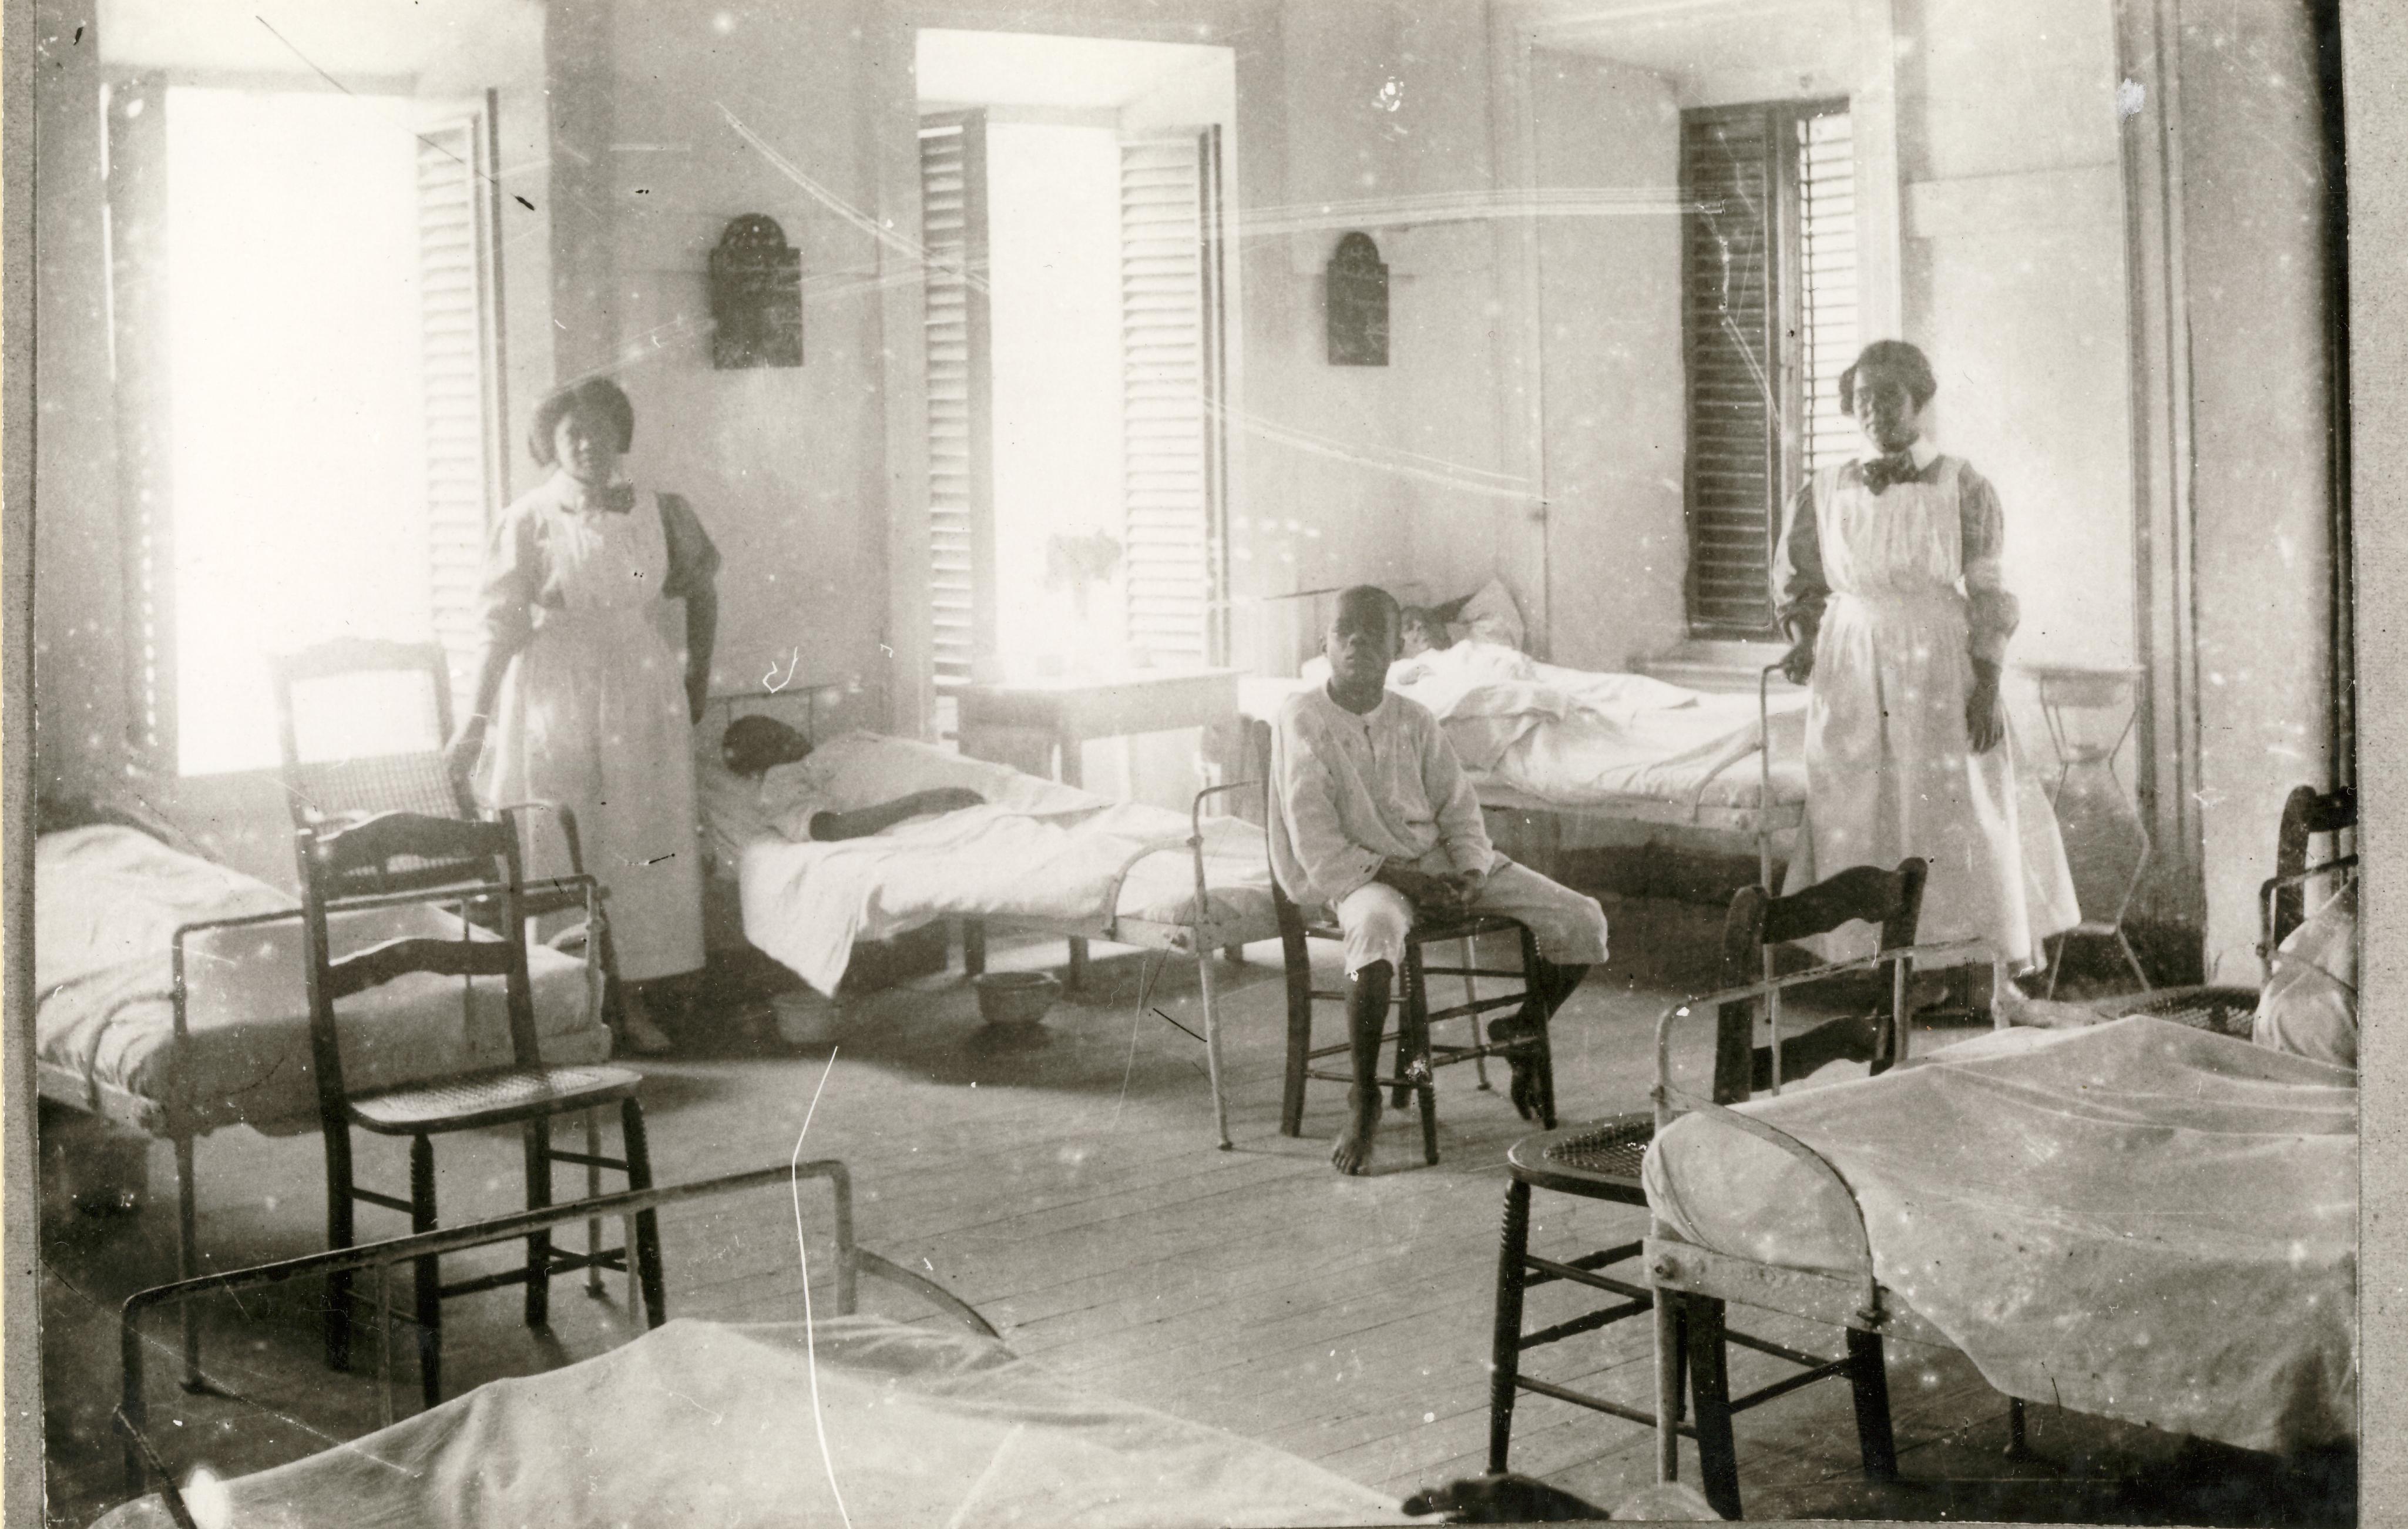 Hospital Christiansted, St. Croix. Dansk Vestindisk Selskab